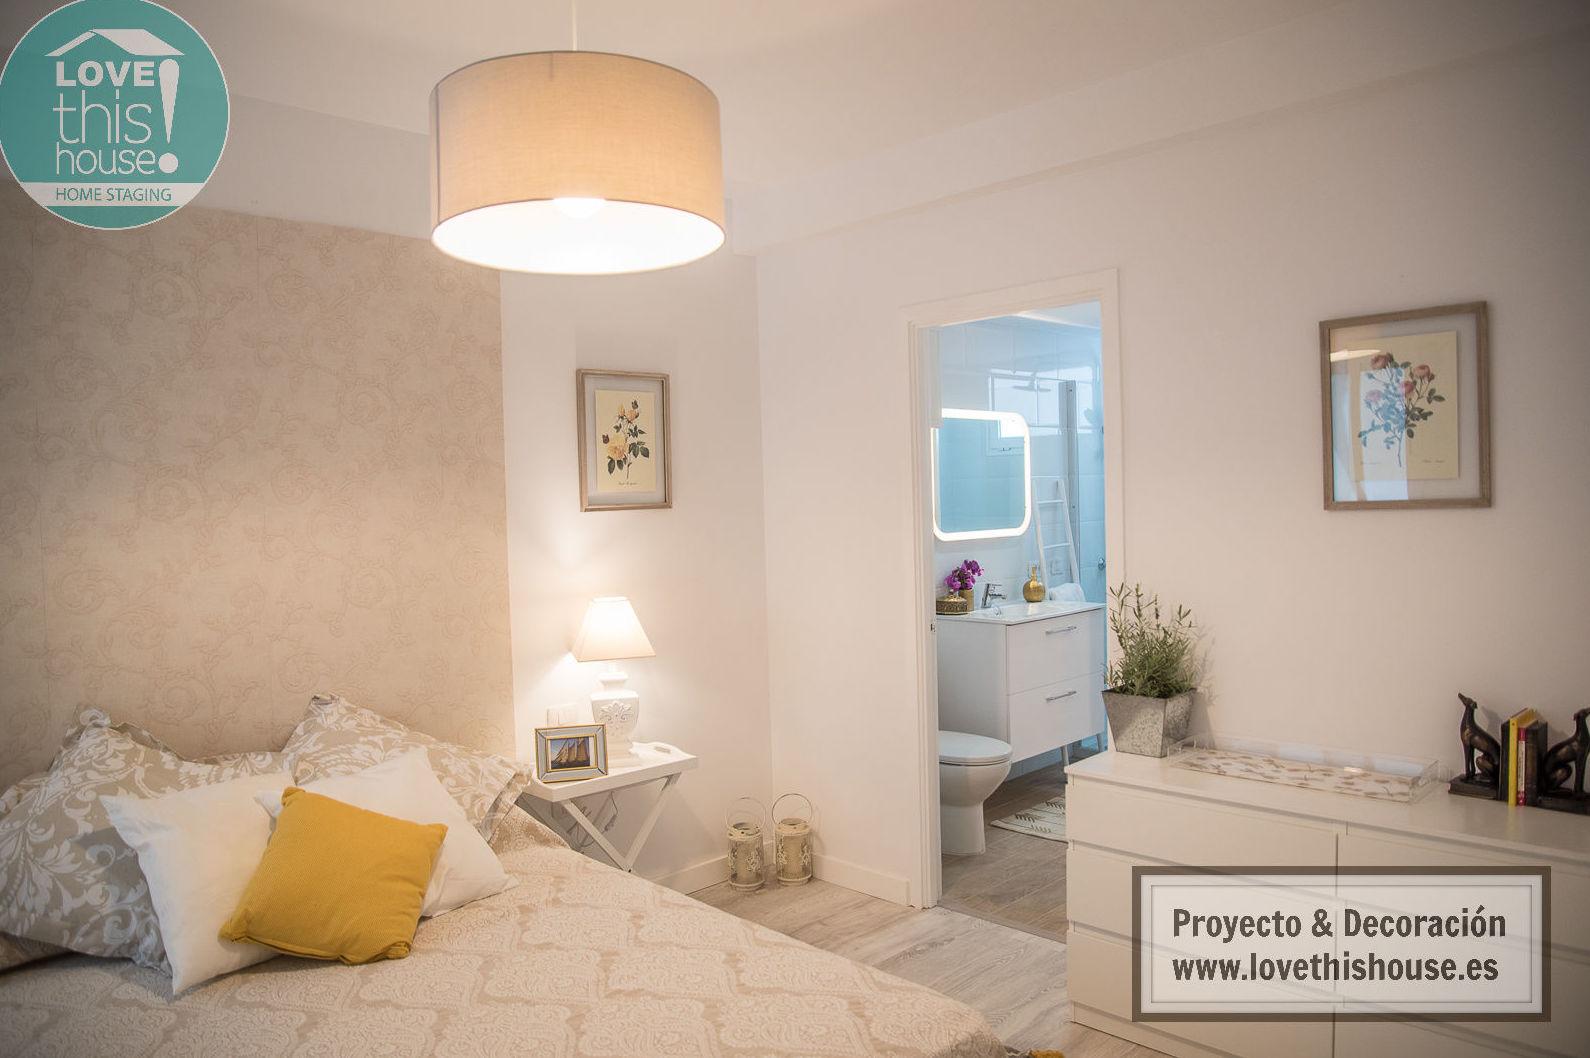 Reforma completa de vivienda en Santa Cruz de Tenerife con proyecto y decoración de Lovethishouse